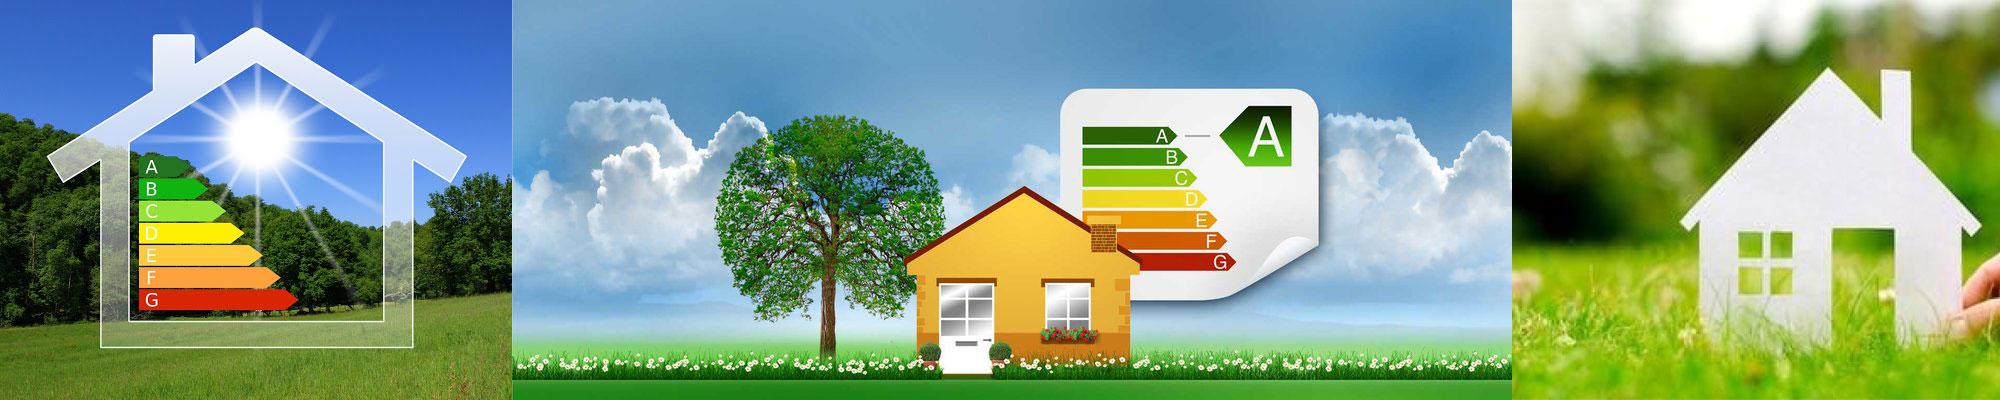 Rénovation énergétique de l'habitat à Guérande, La Baule, Saint-Nazaire, Pornichet, Saint-Brévin